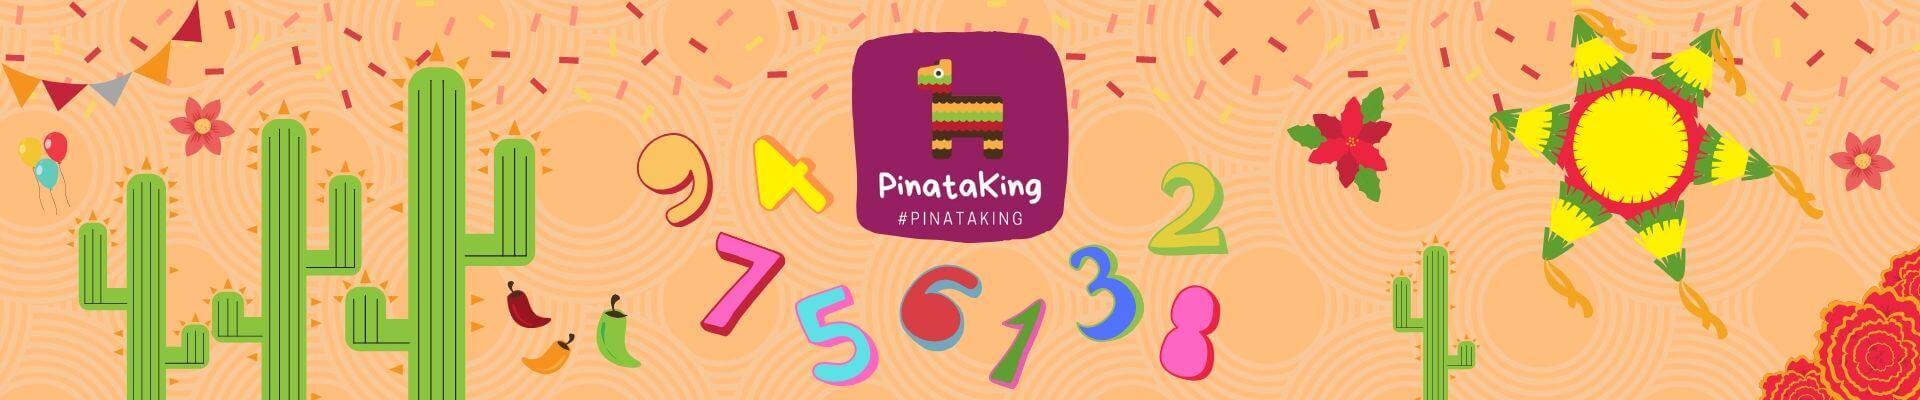 PinataKing